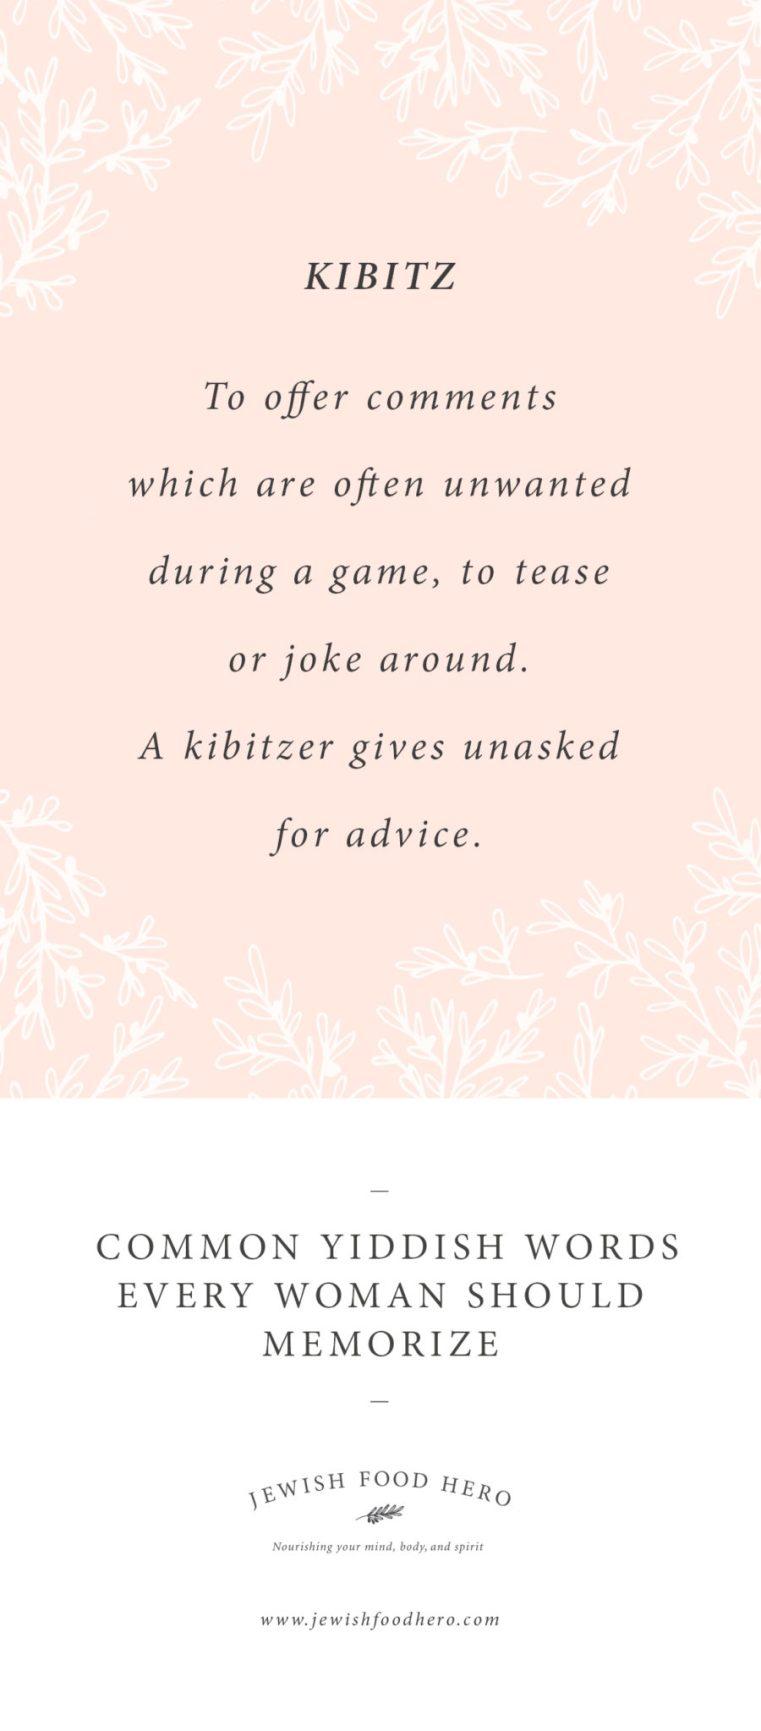 Kibitz, Yiddish words